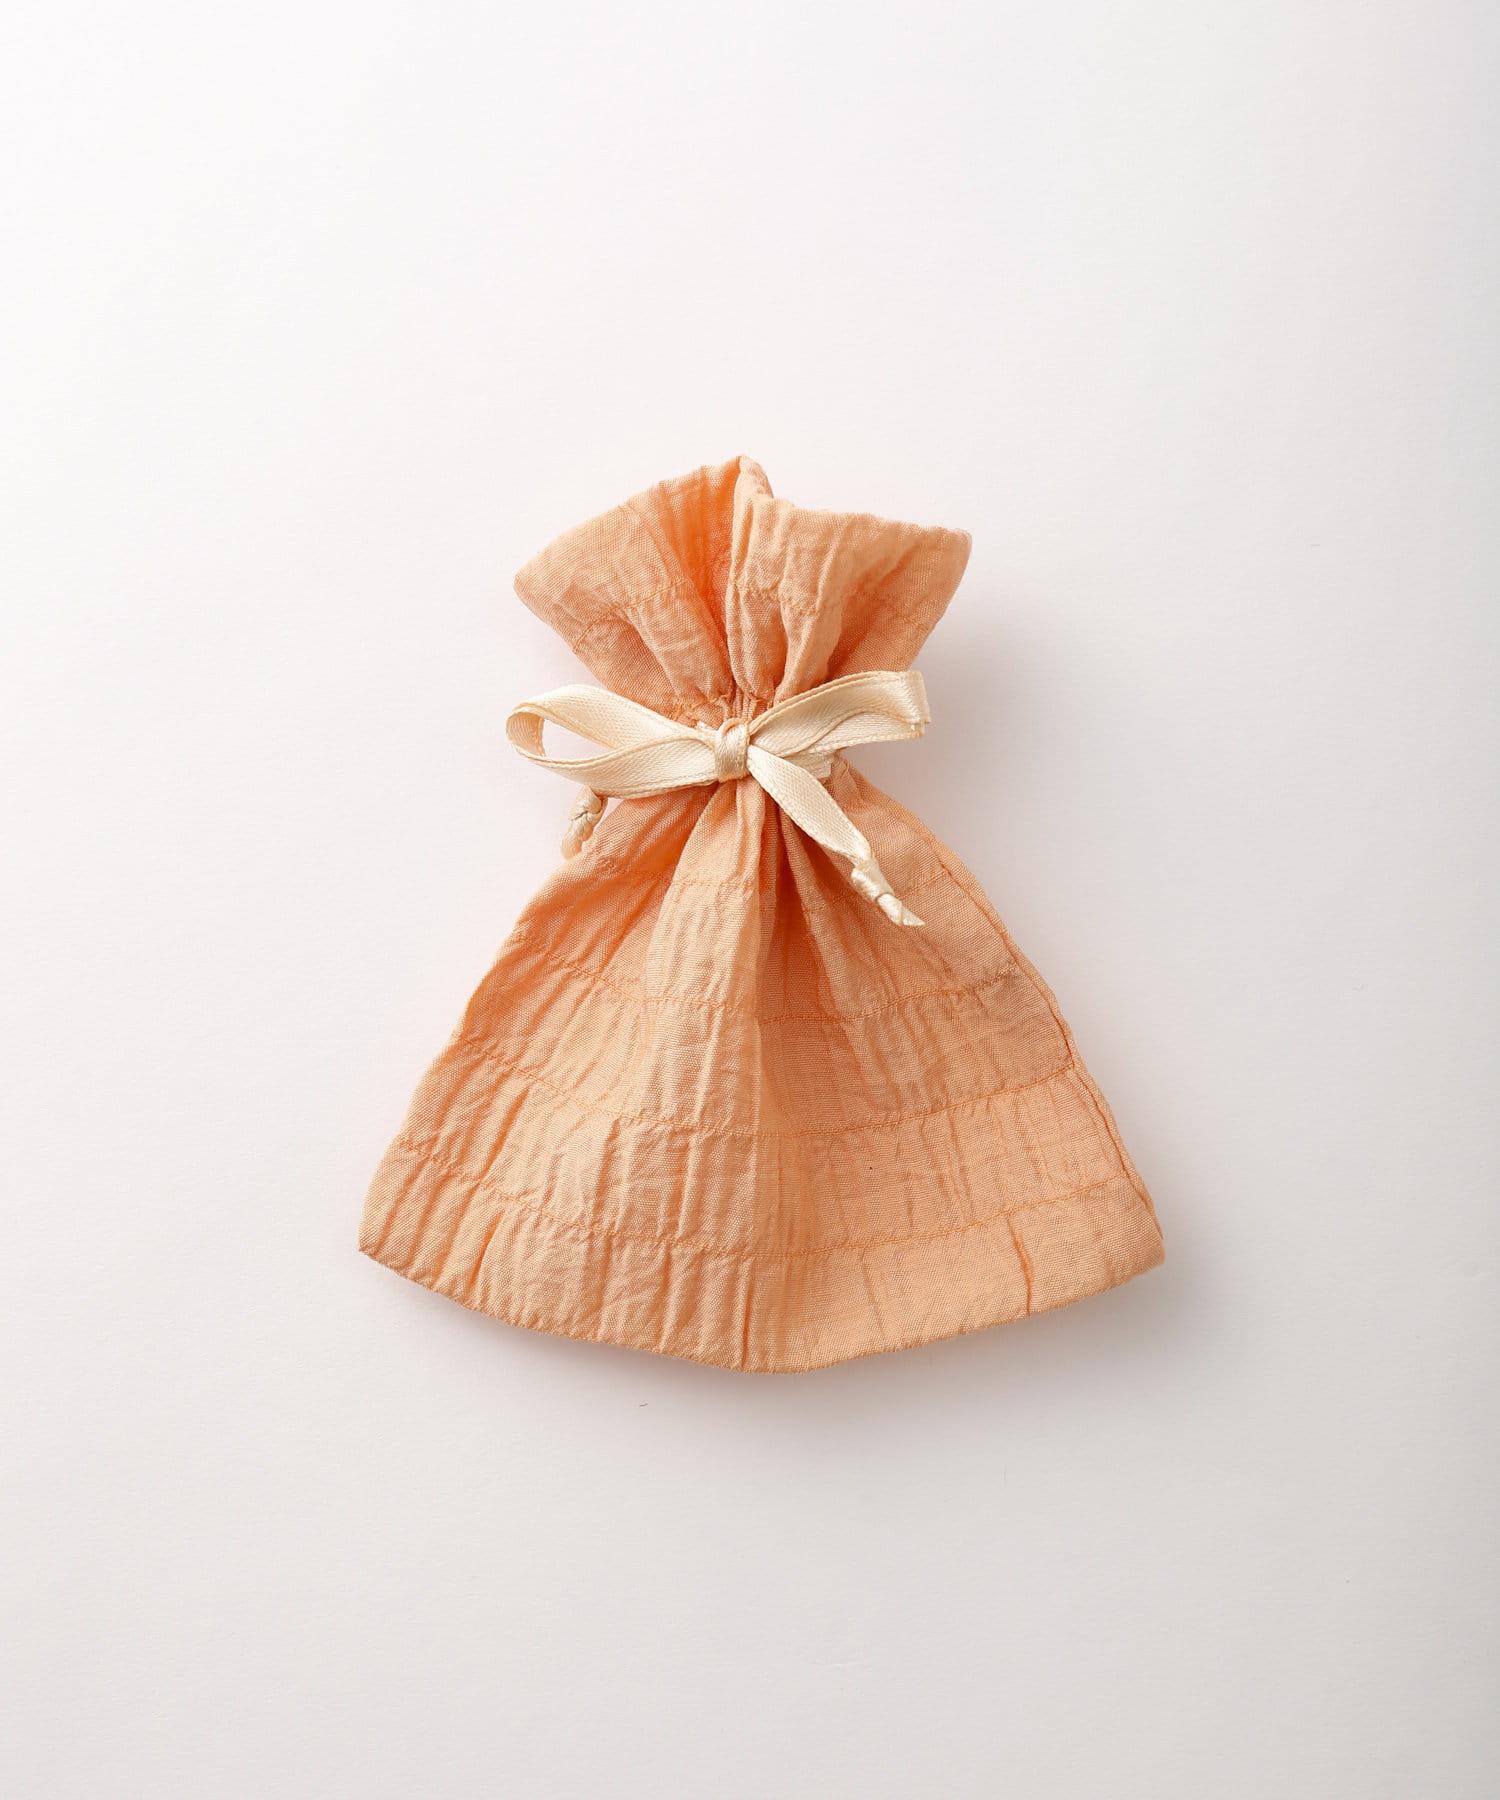 Lattice(ラティス) レディース シャーリング巾着ポーチS オレンジ